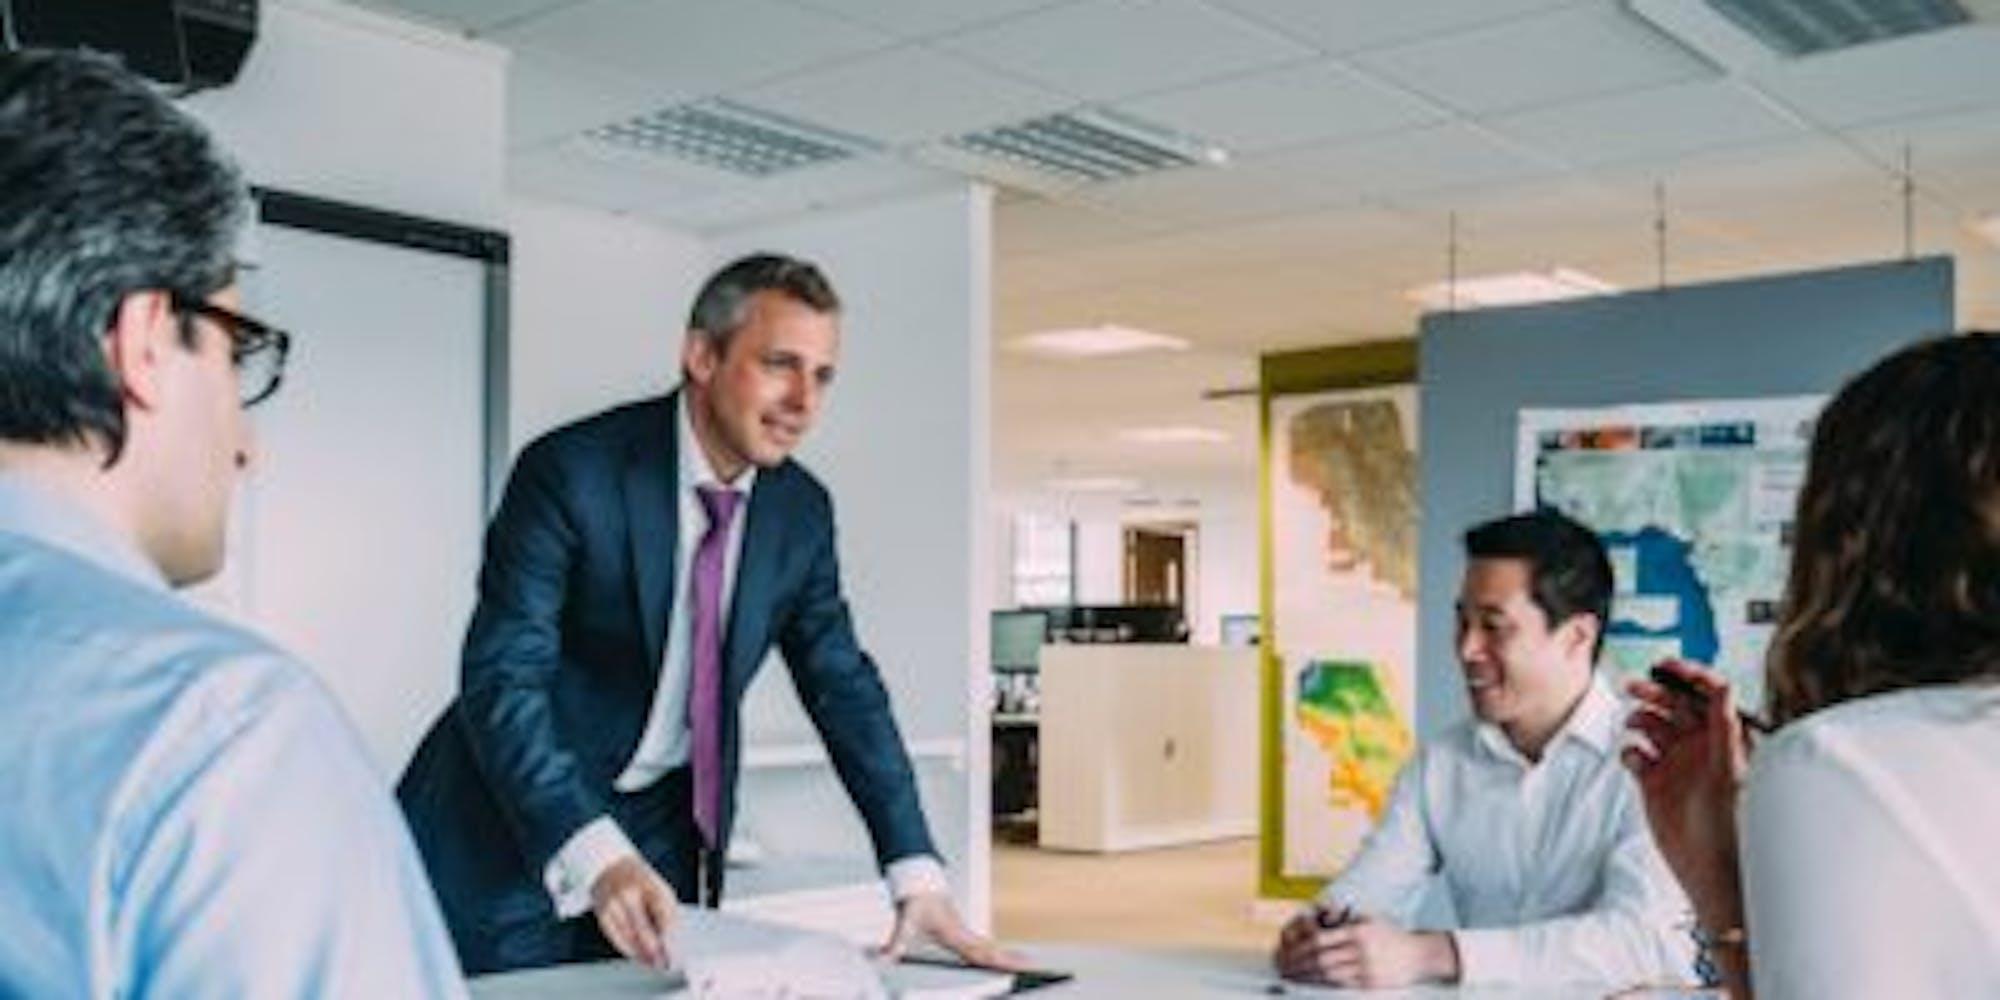 An office meeting